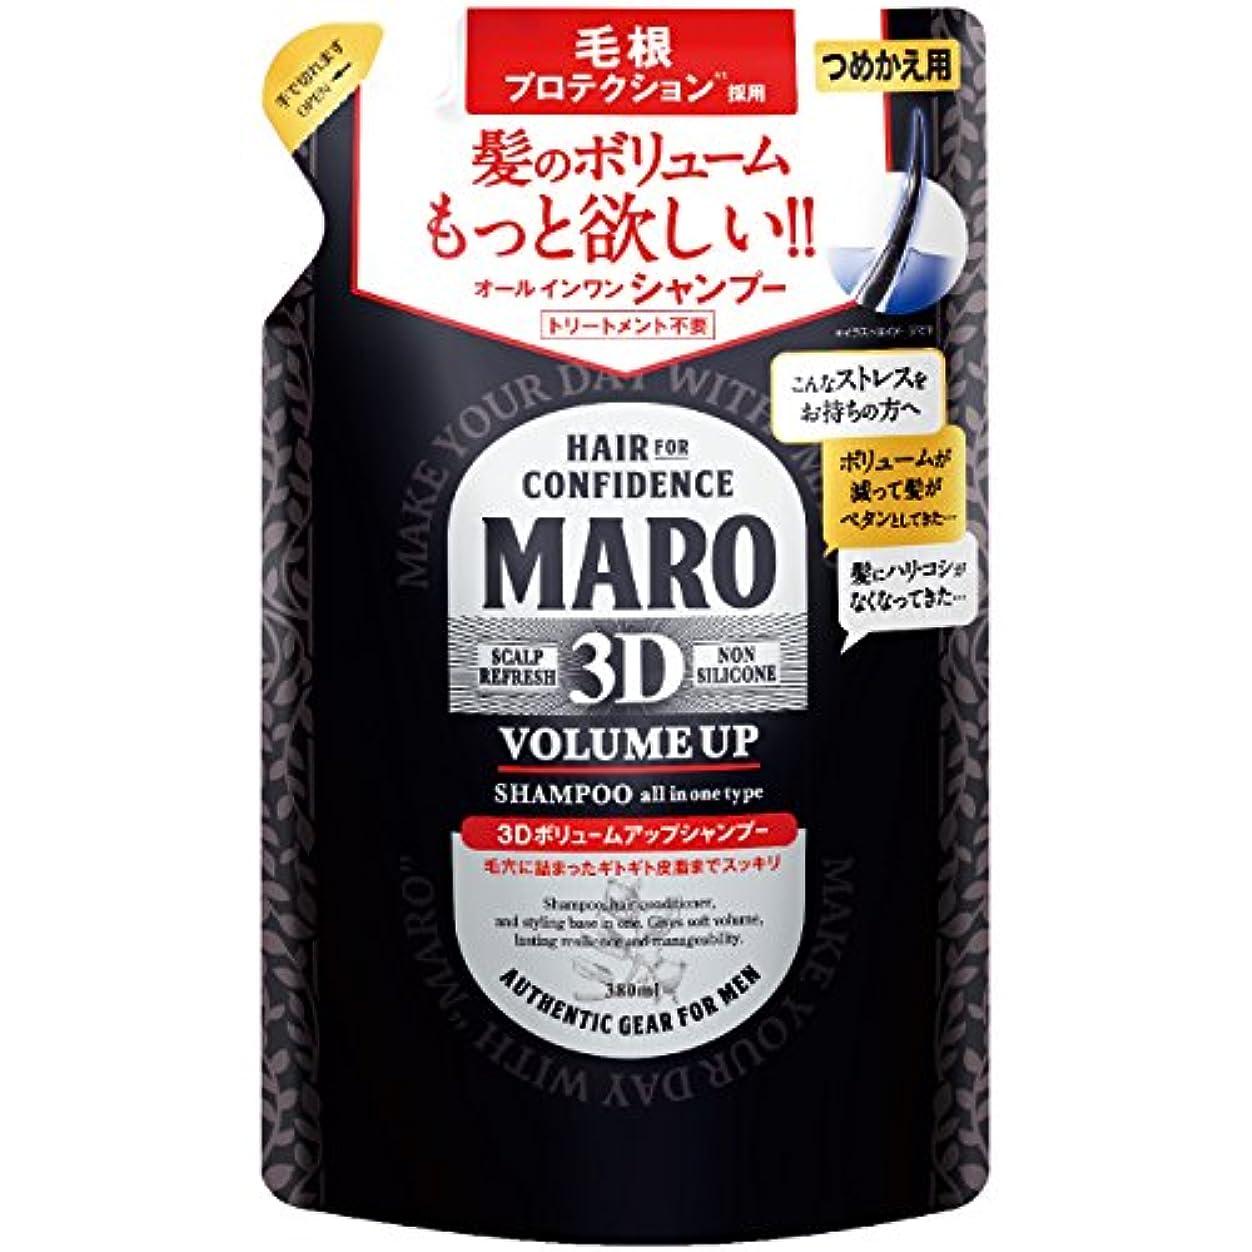 健全チャンバー煩わしいMARO 3Dボリュームアップ シャンプー EX 詰め替え 380ml